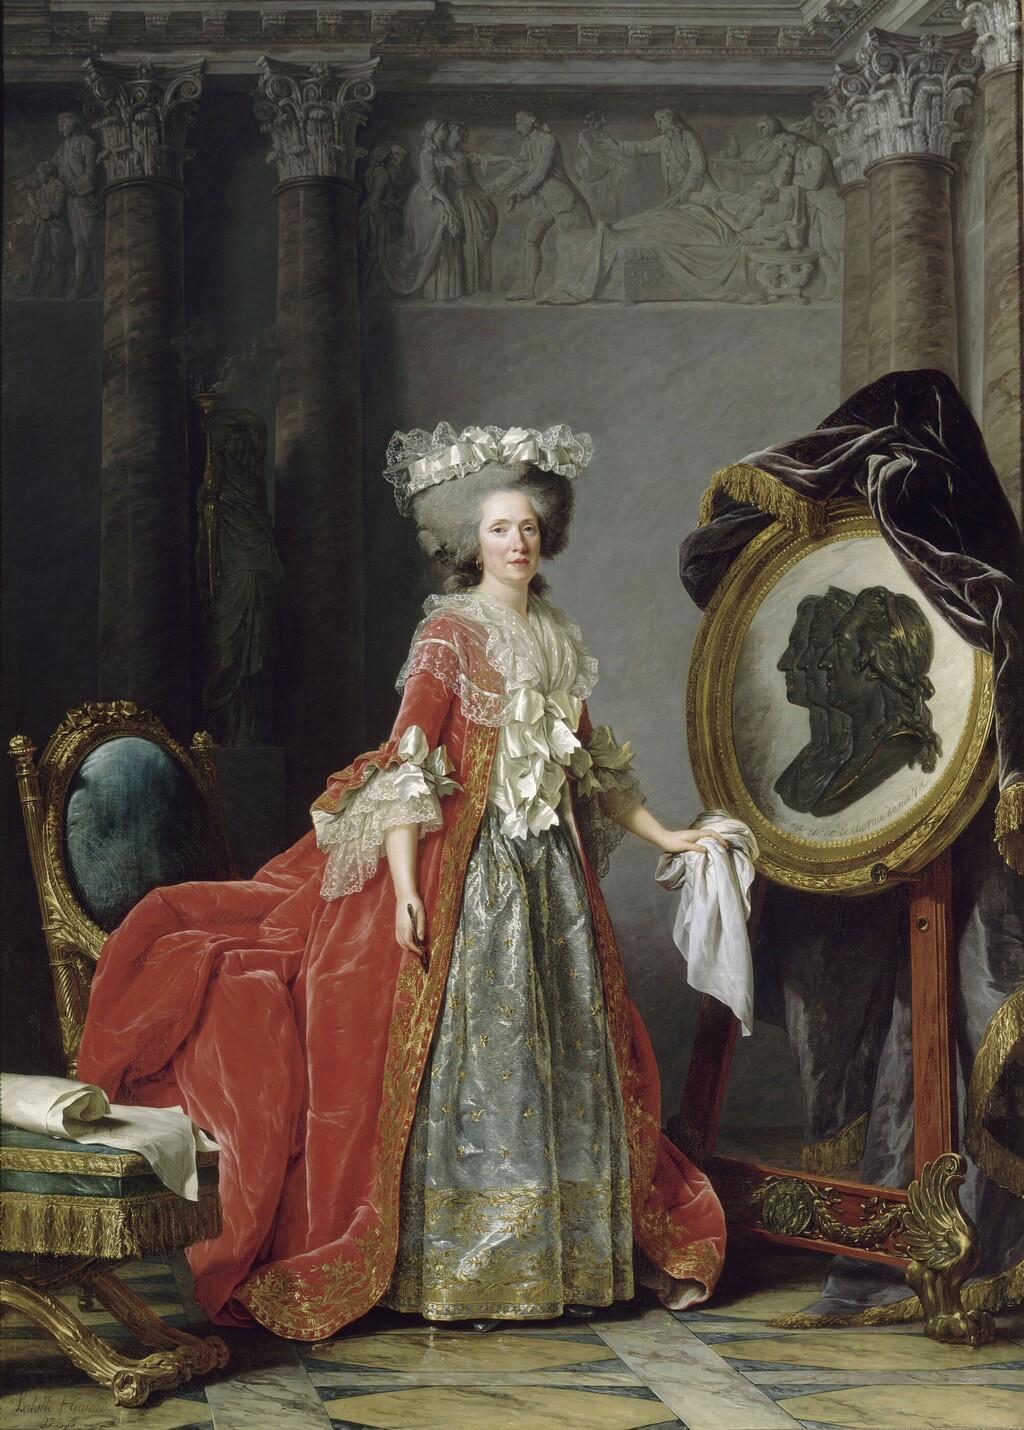 Mesdames, filles de Louis XV, les mal-aimées ? - Page 4 Mme_ad11